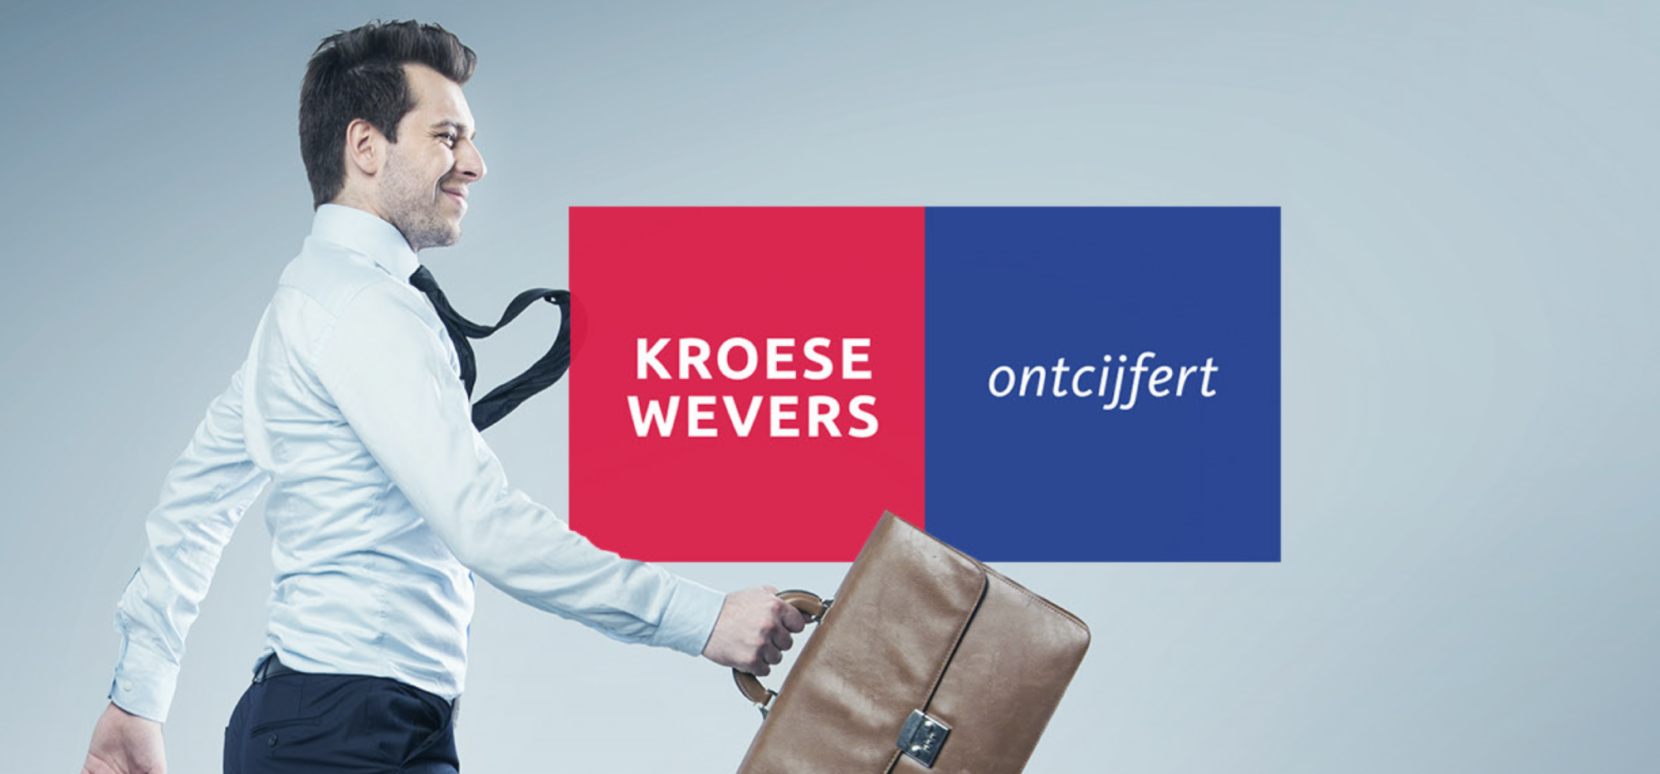 Kroesewevers headerx2